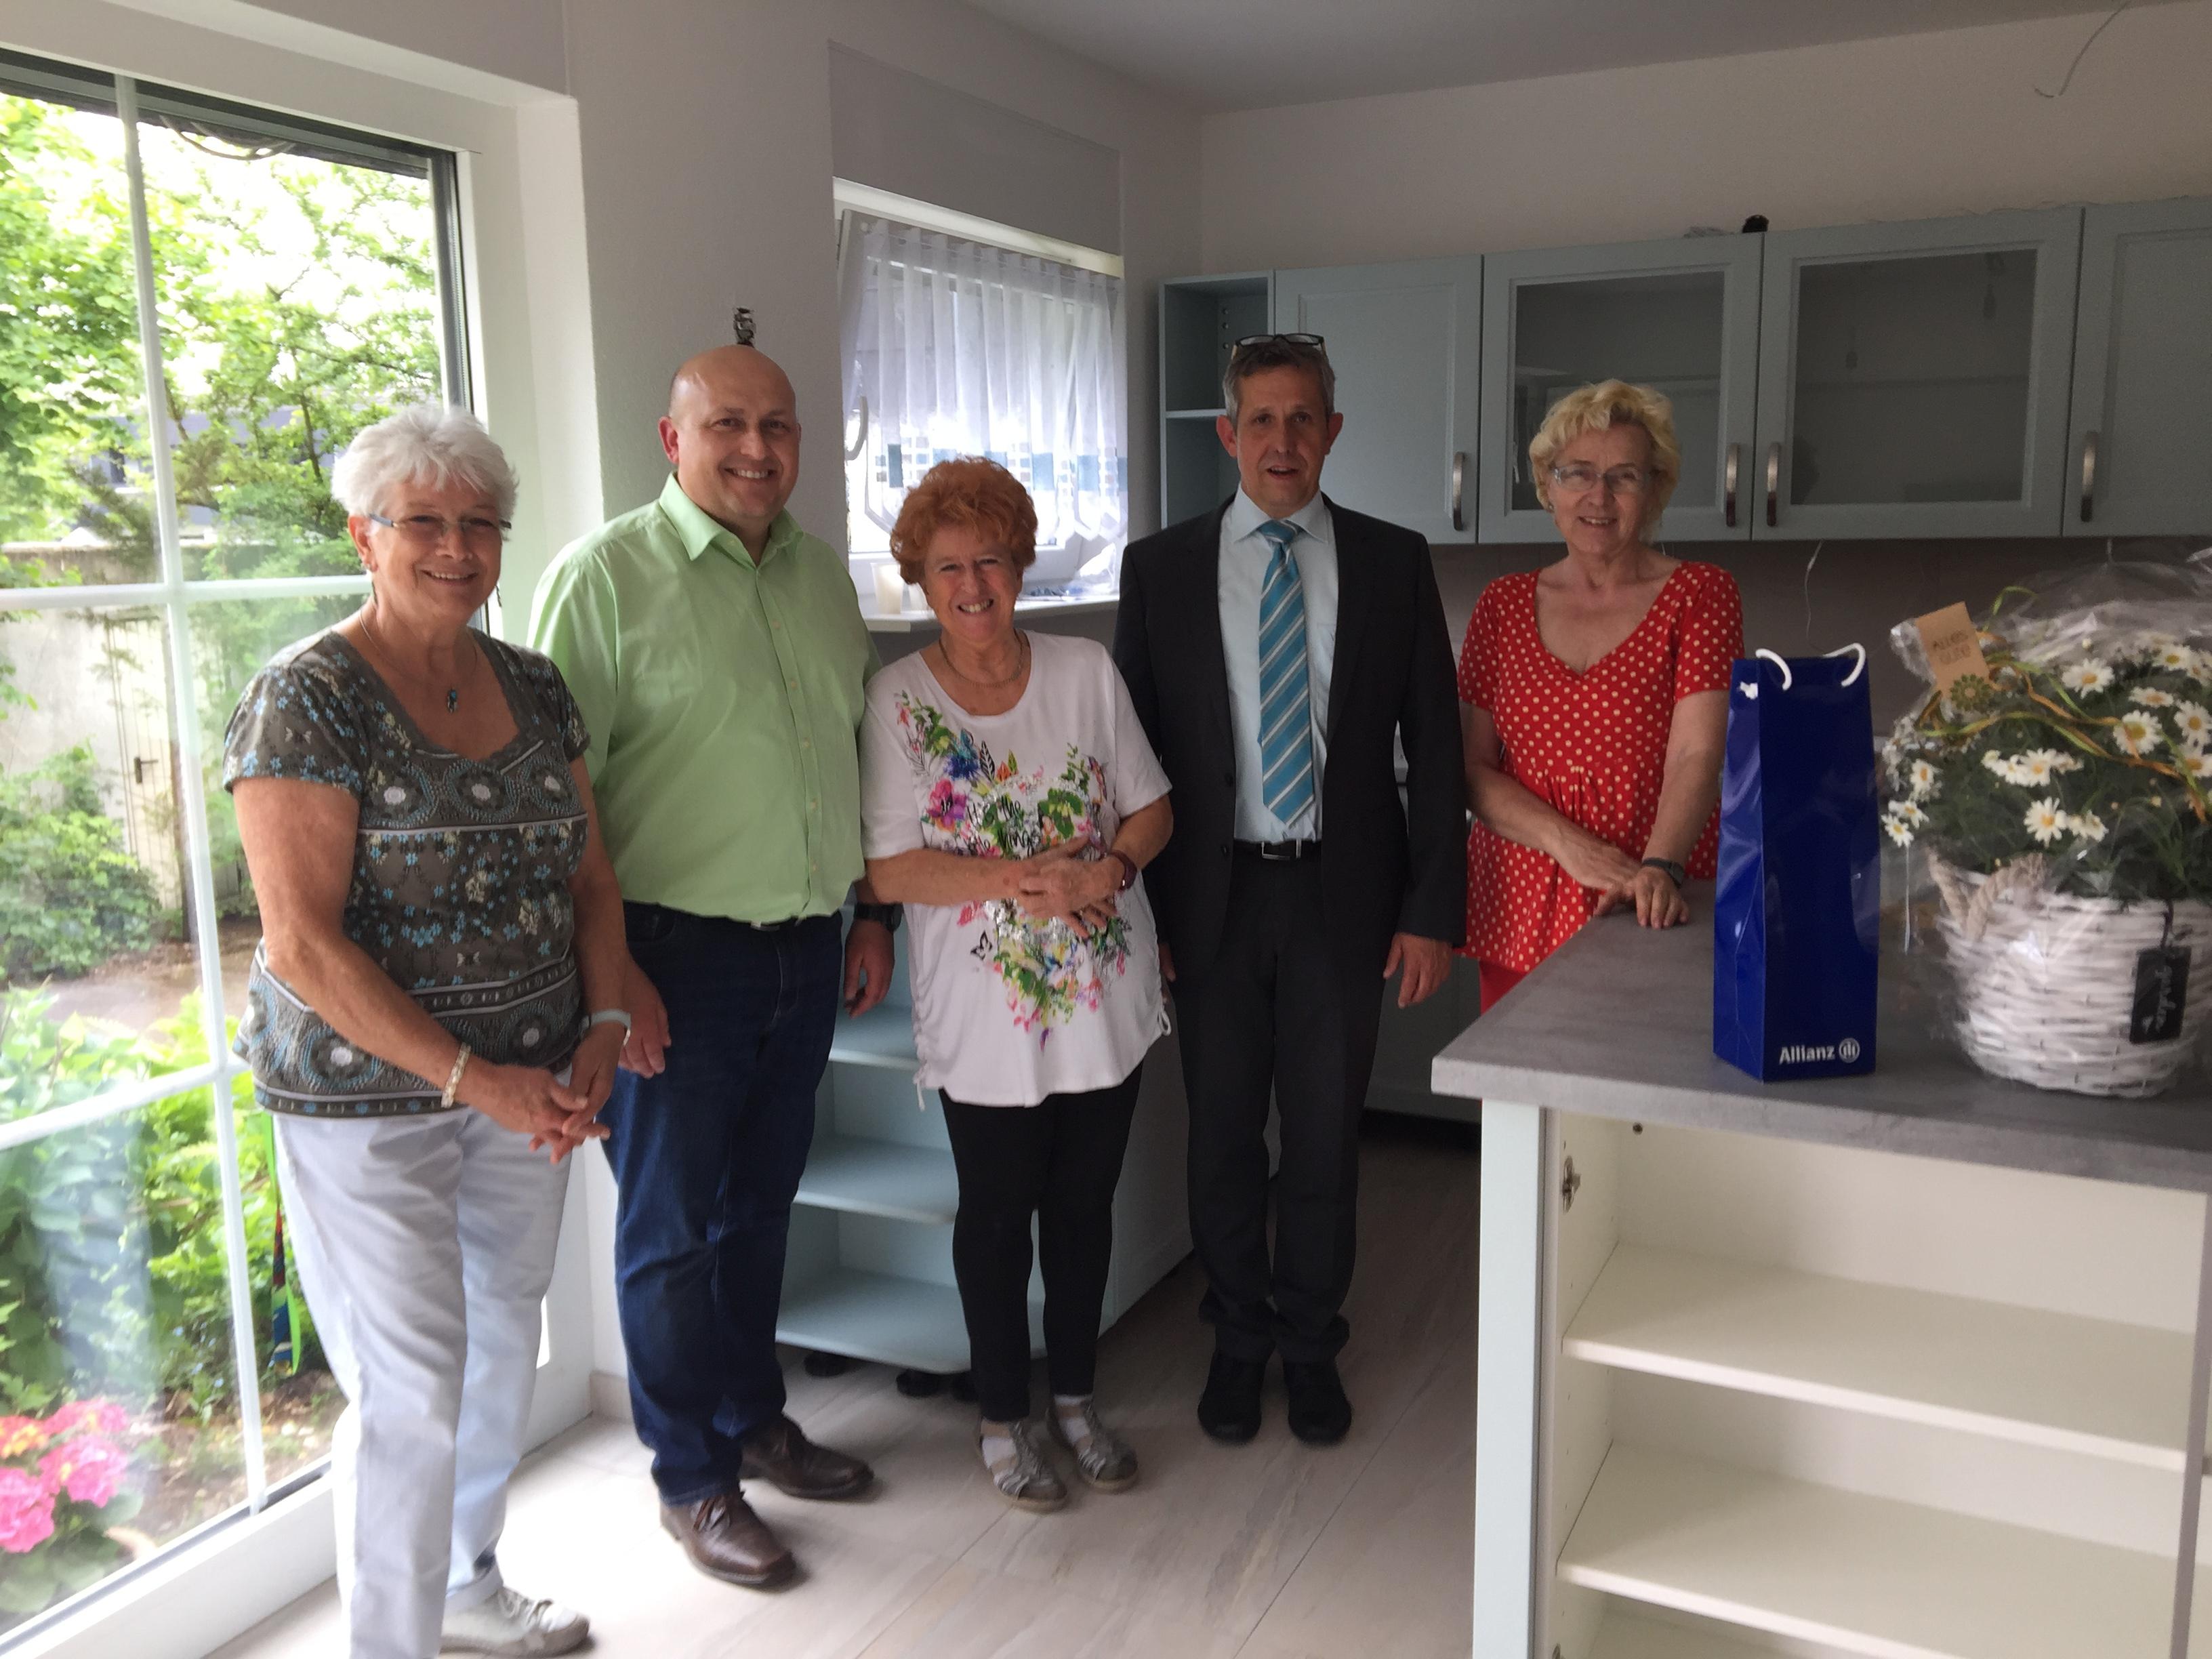 Möbel Martin Unterstützt Brandopferhilfe Saarland Saarnews